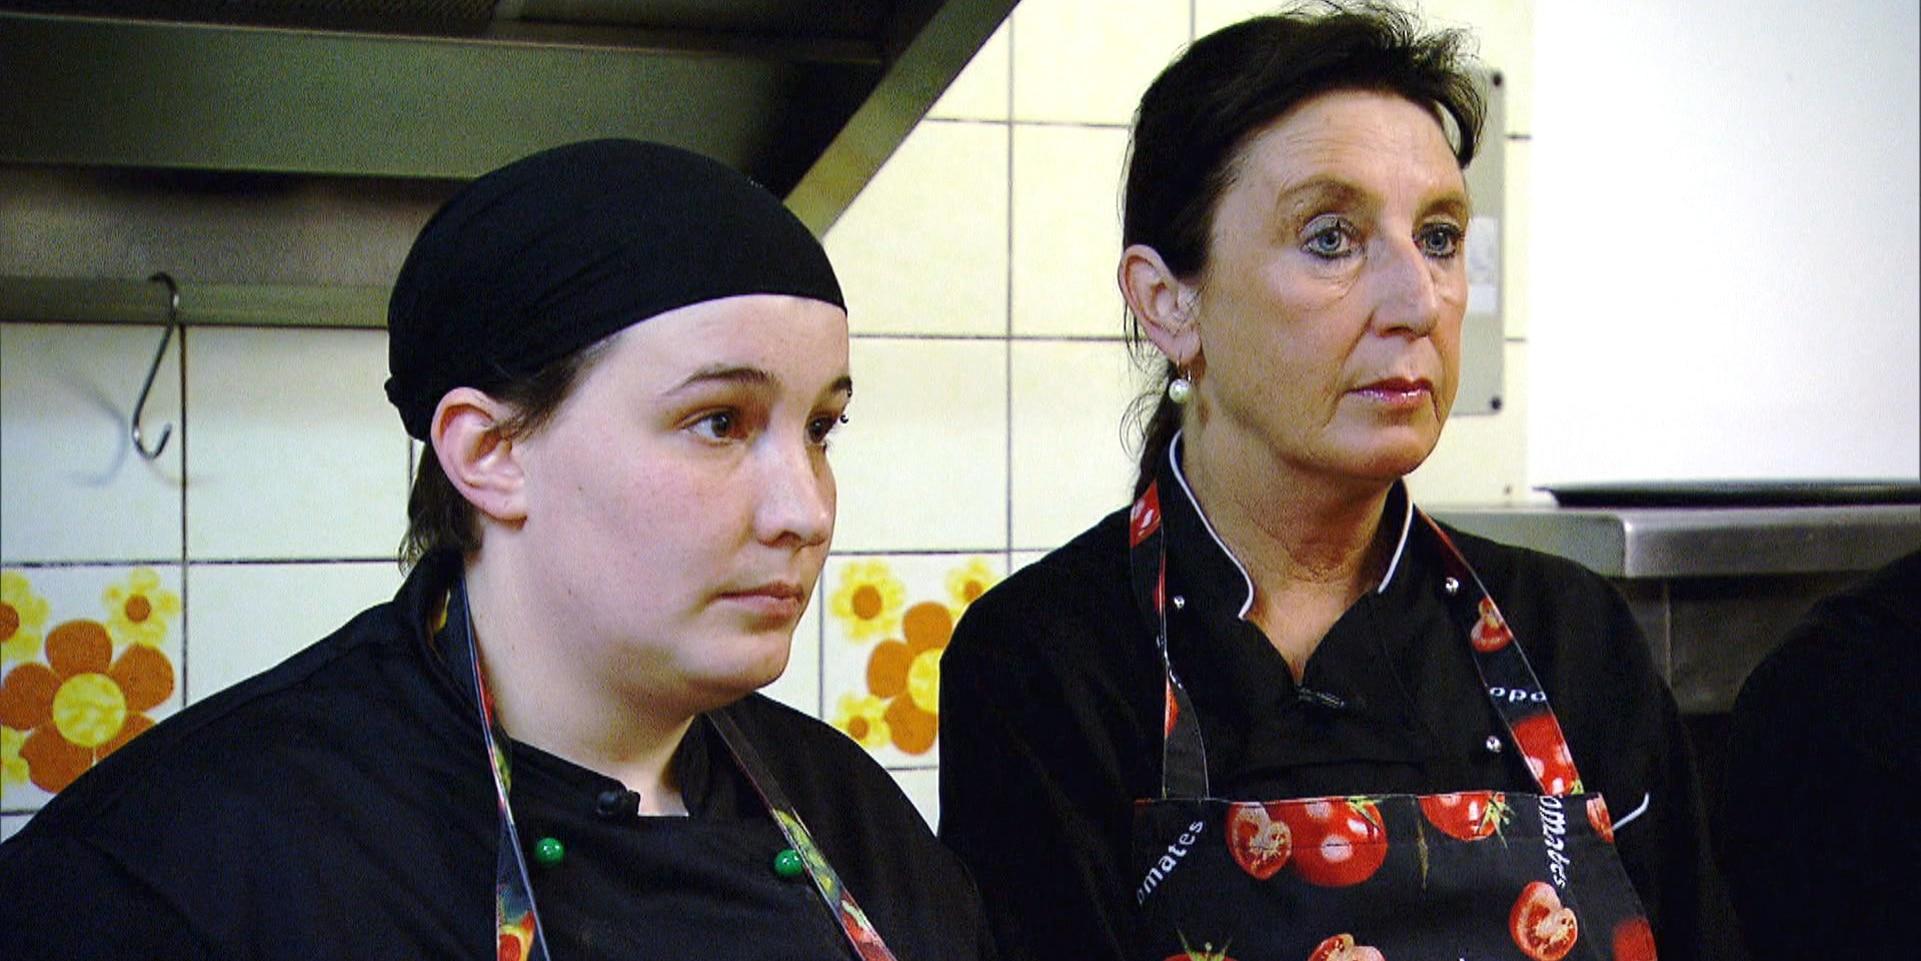 """""""Die Kochprofis"""" im """"Leib und Seele"""" in Wilhelmshaven! - TV News"""